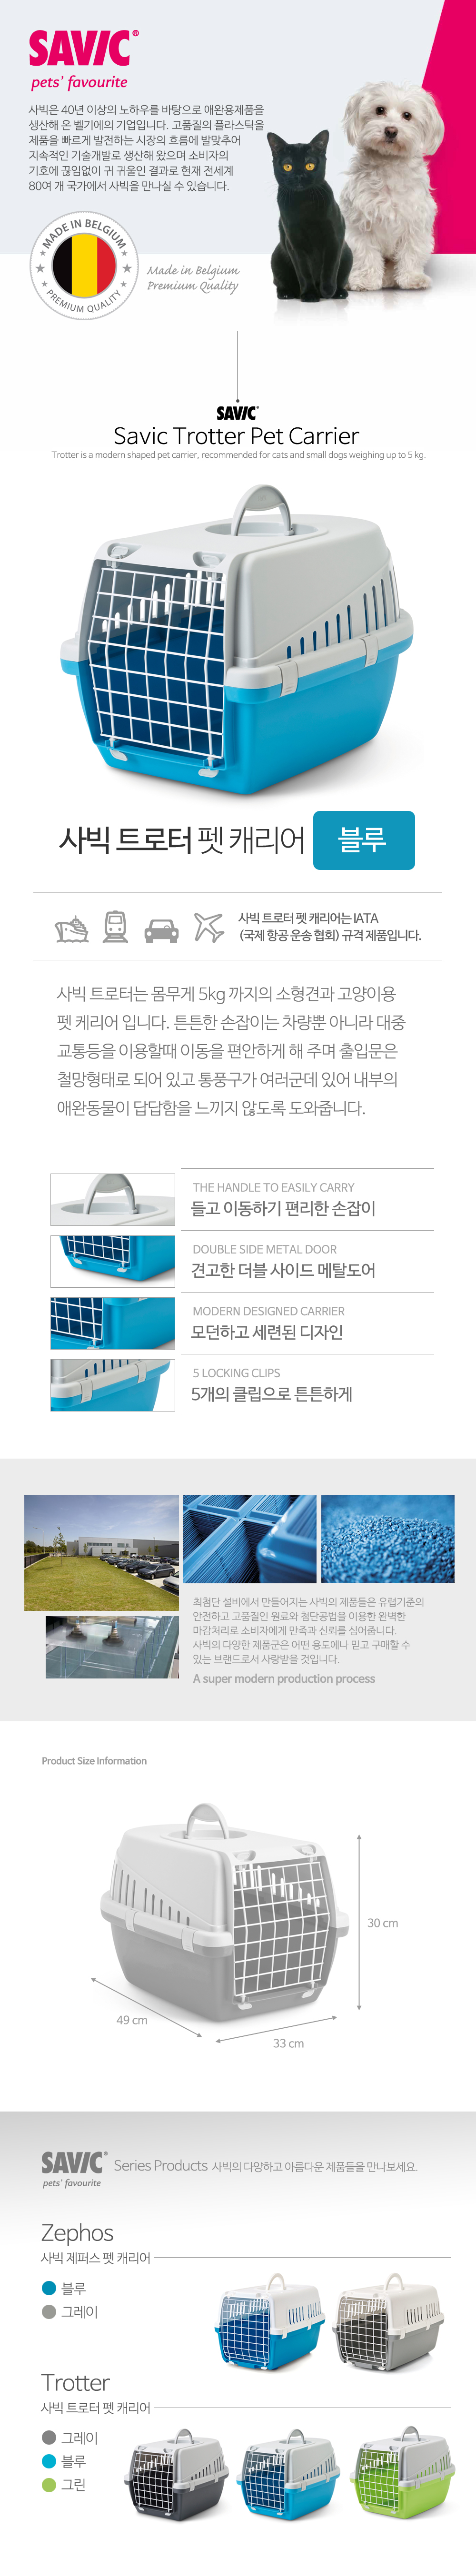 사빅 트로터 이동장 블루 - 사빅, 17,670원, 이동장/리드줄/야외용품, 이동가방